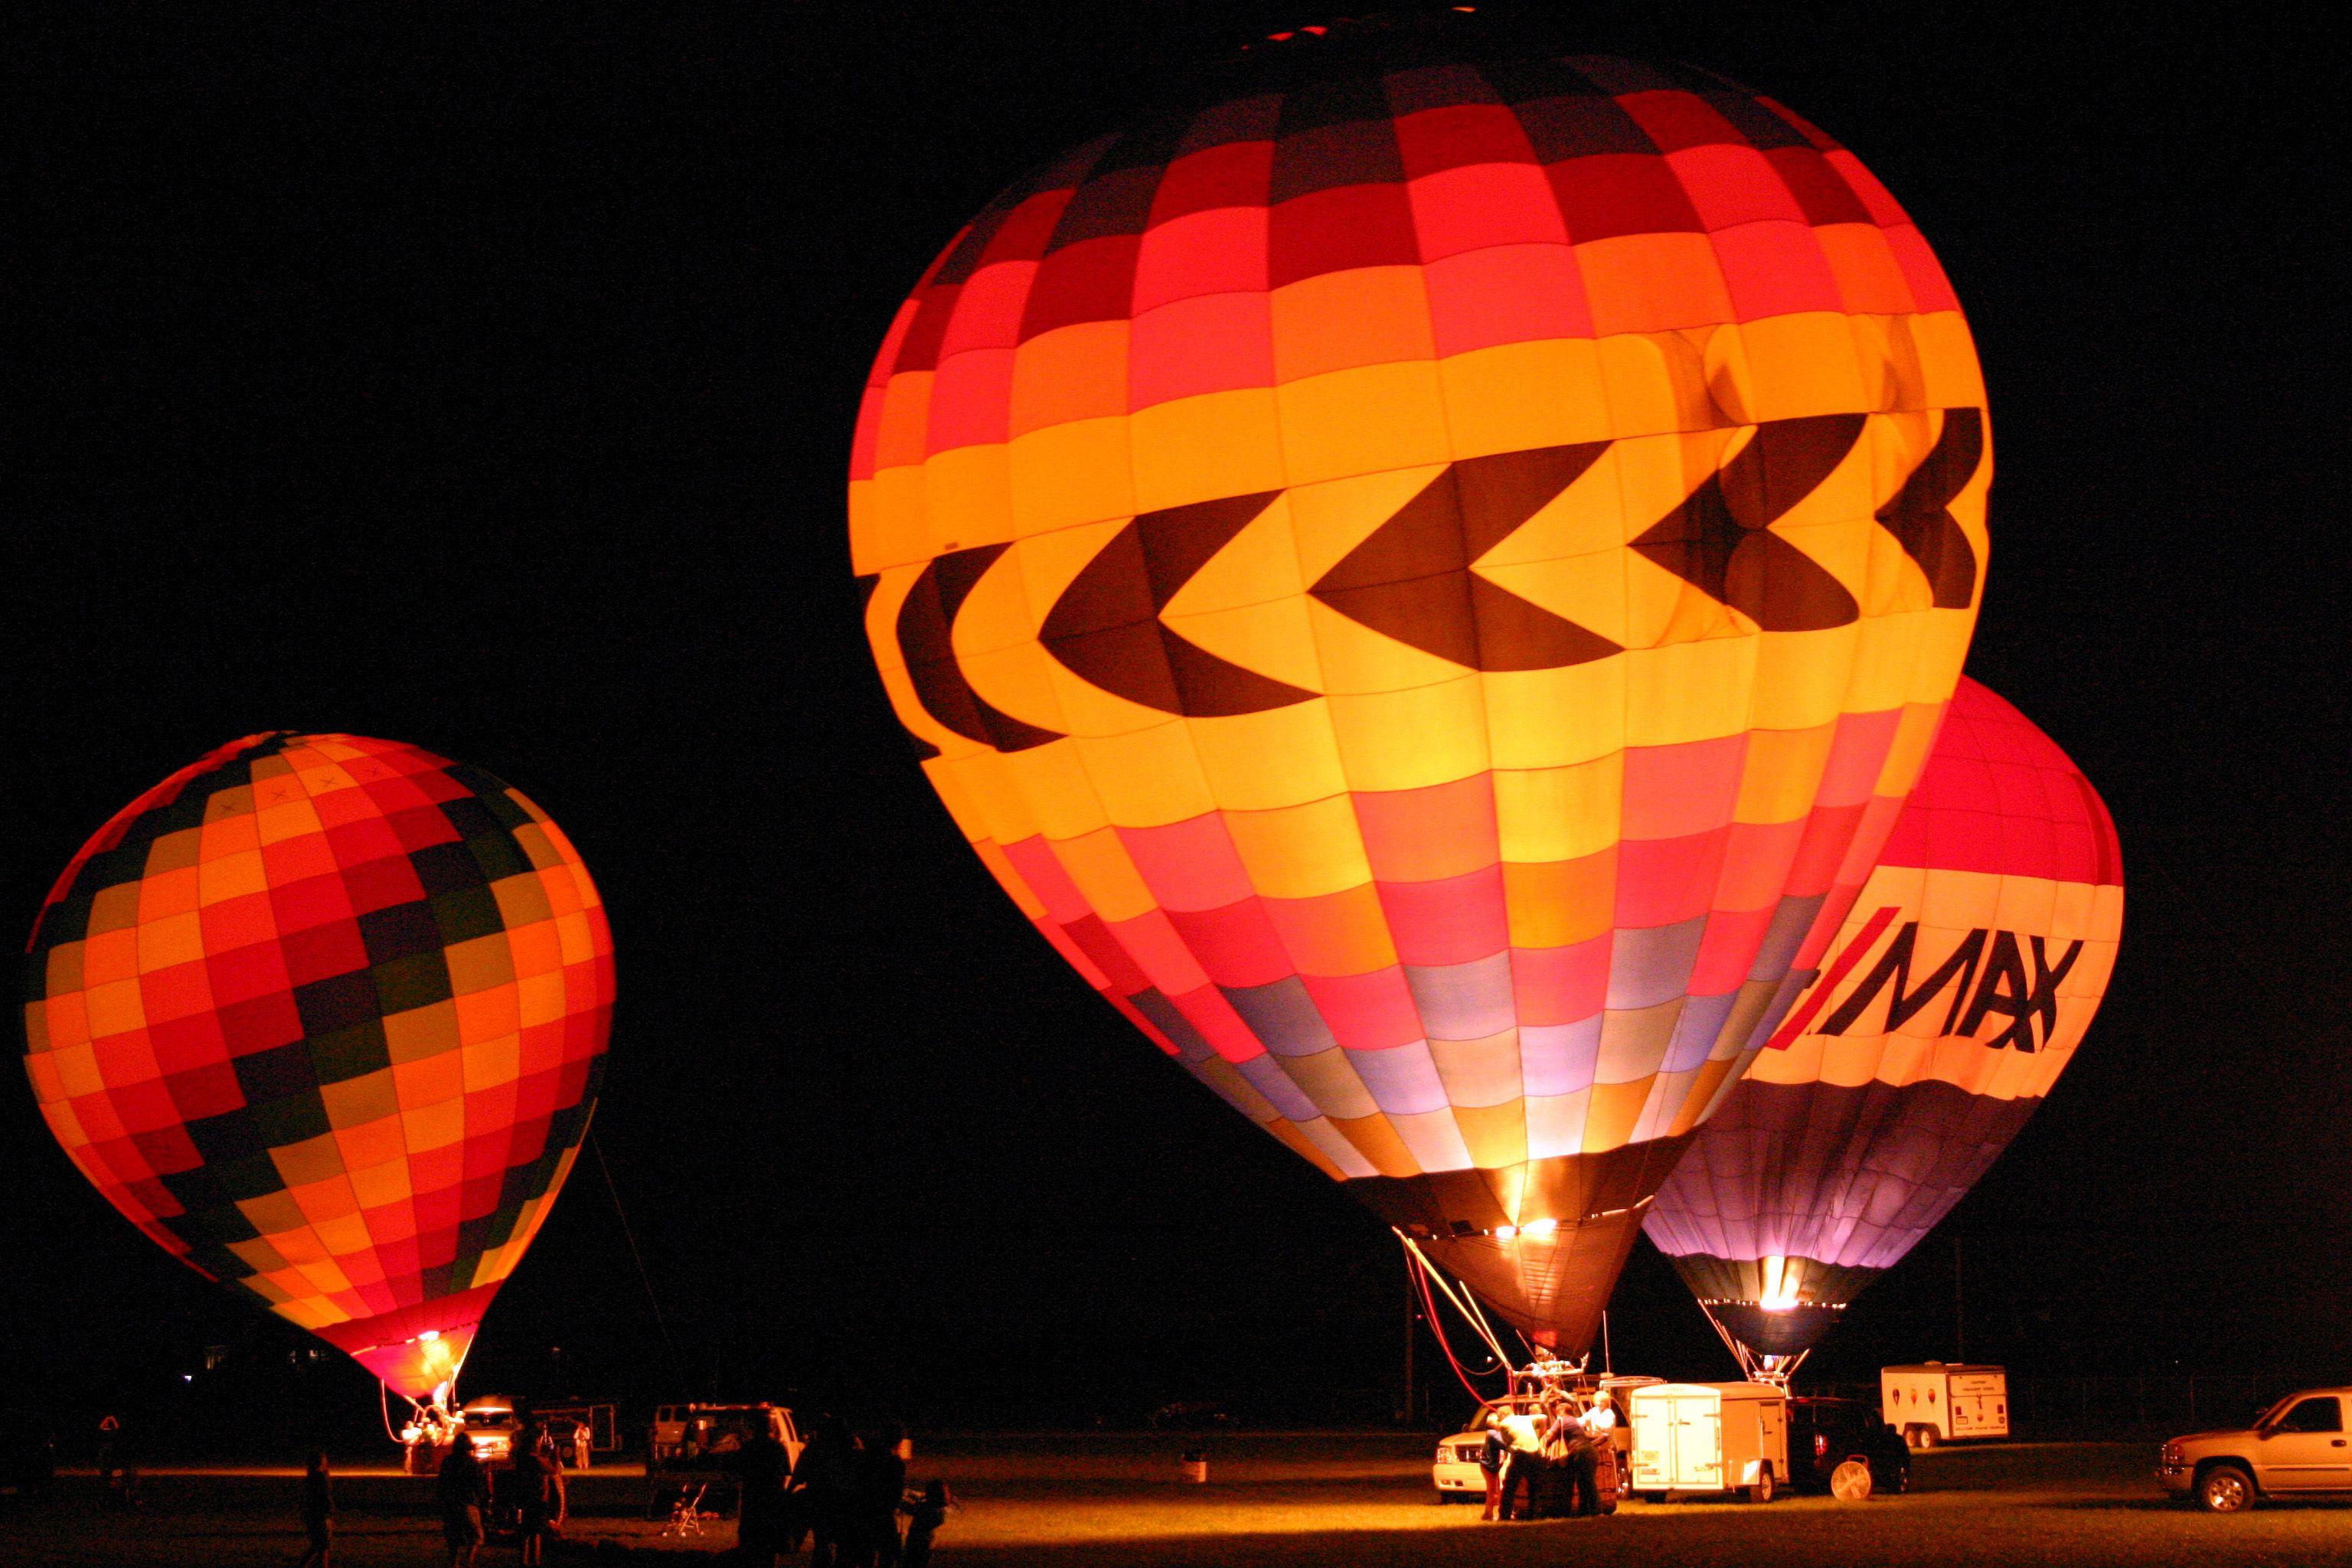 Valparaiso Indiana Balloon Festival took a balloon ride